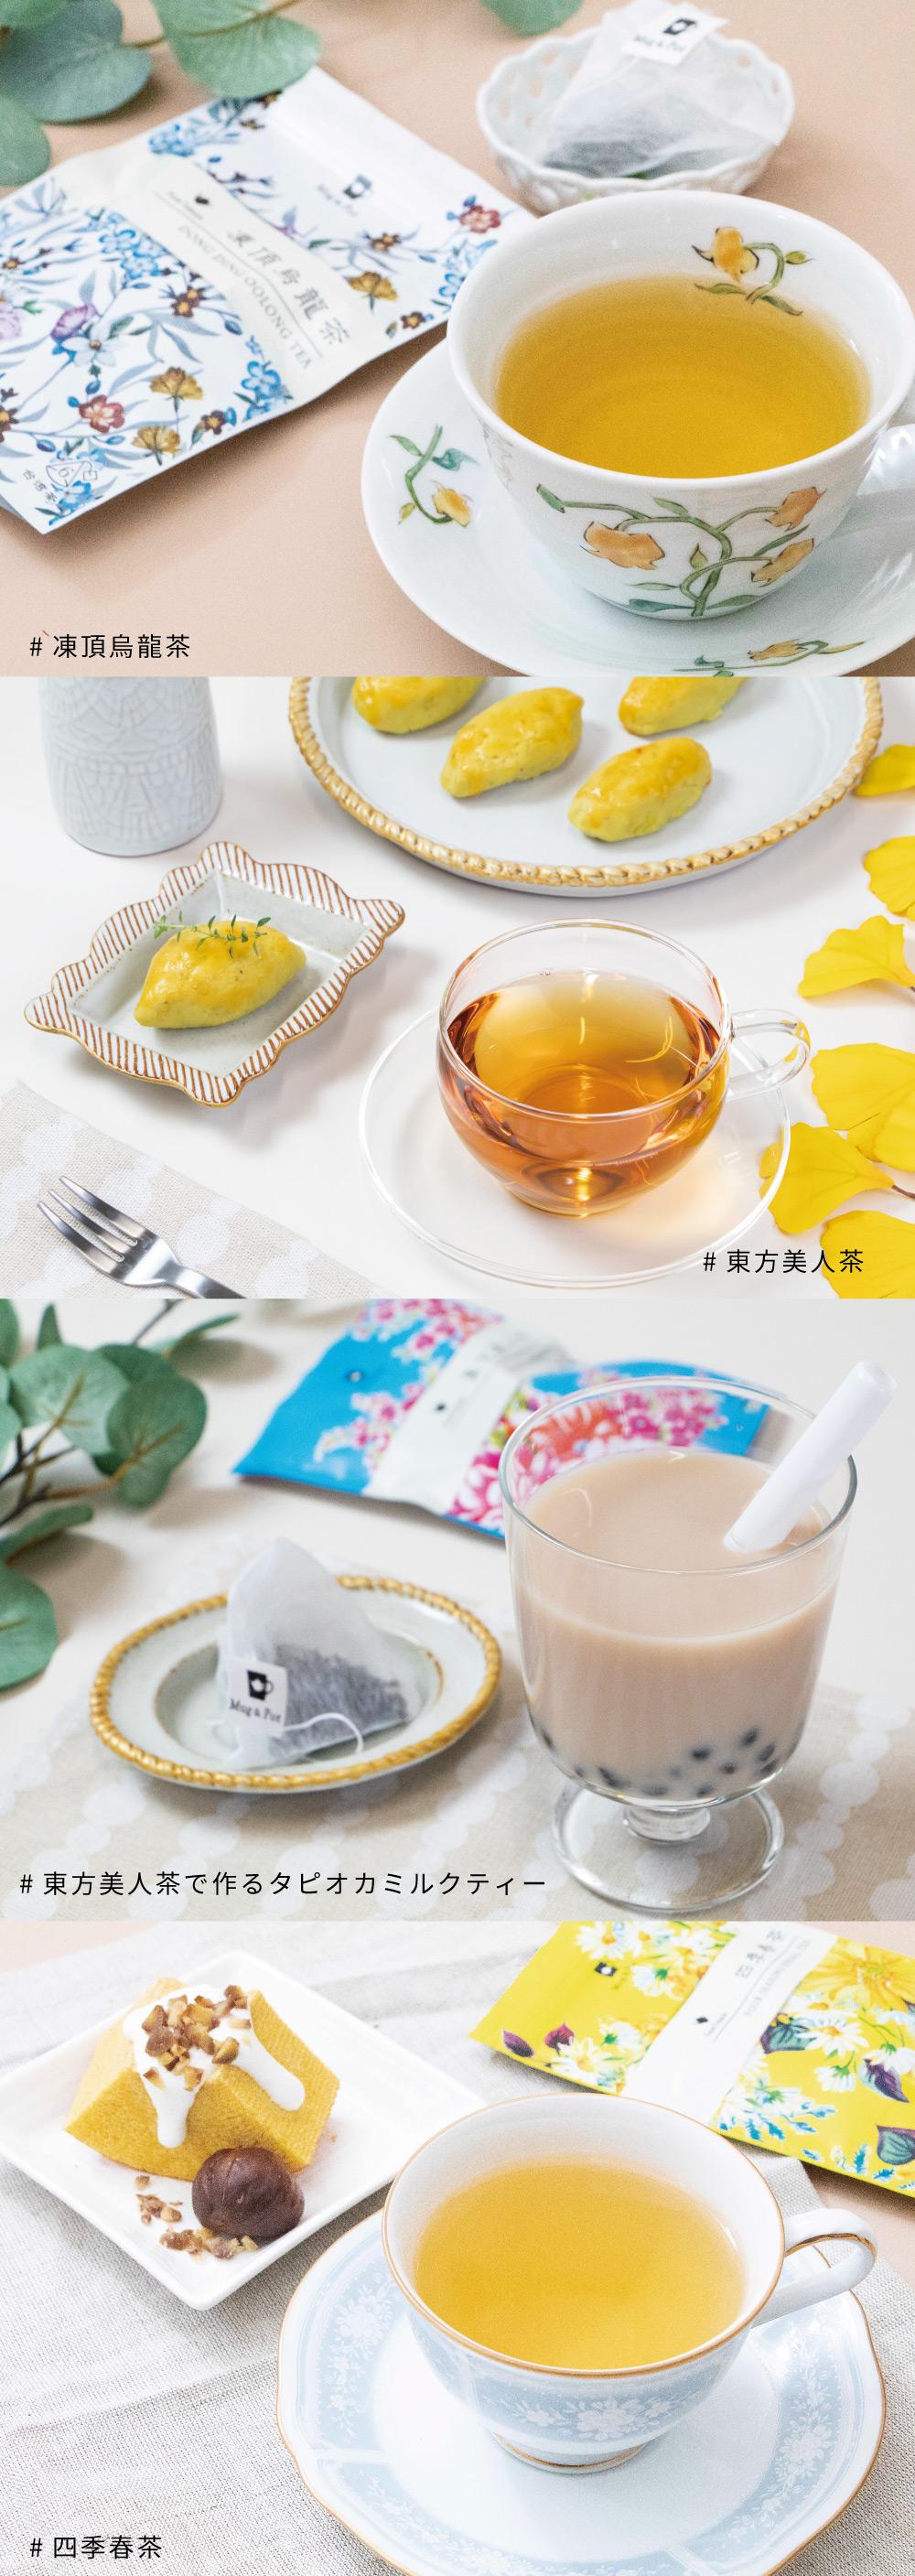 凍頂烏龍茶・東方美人茶・四季春茶・イメージ投稿